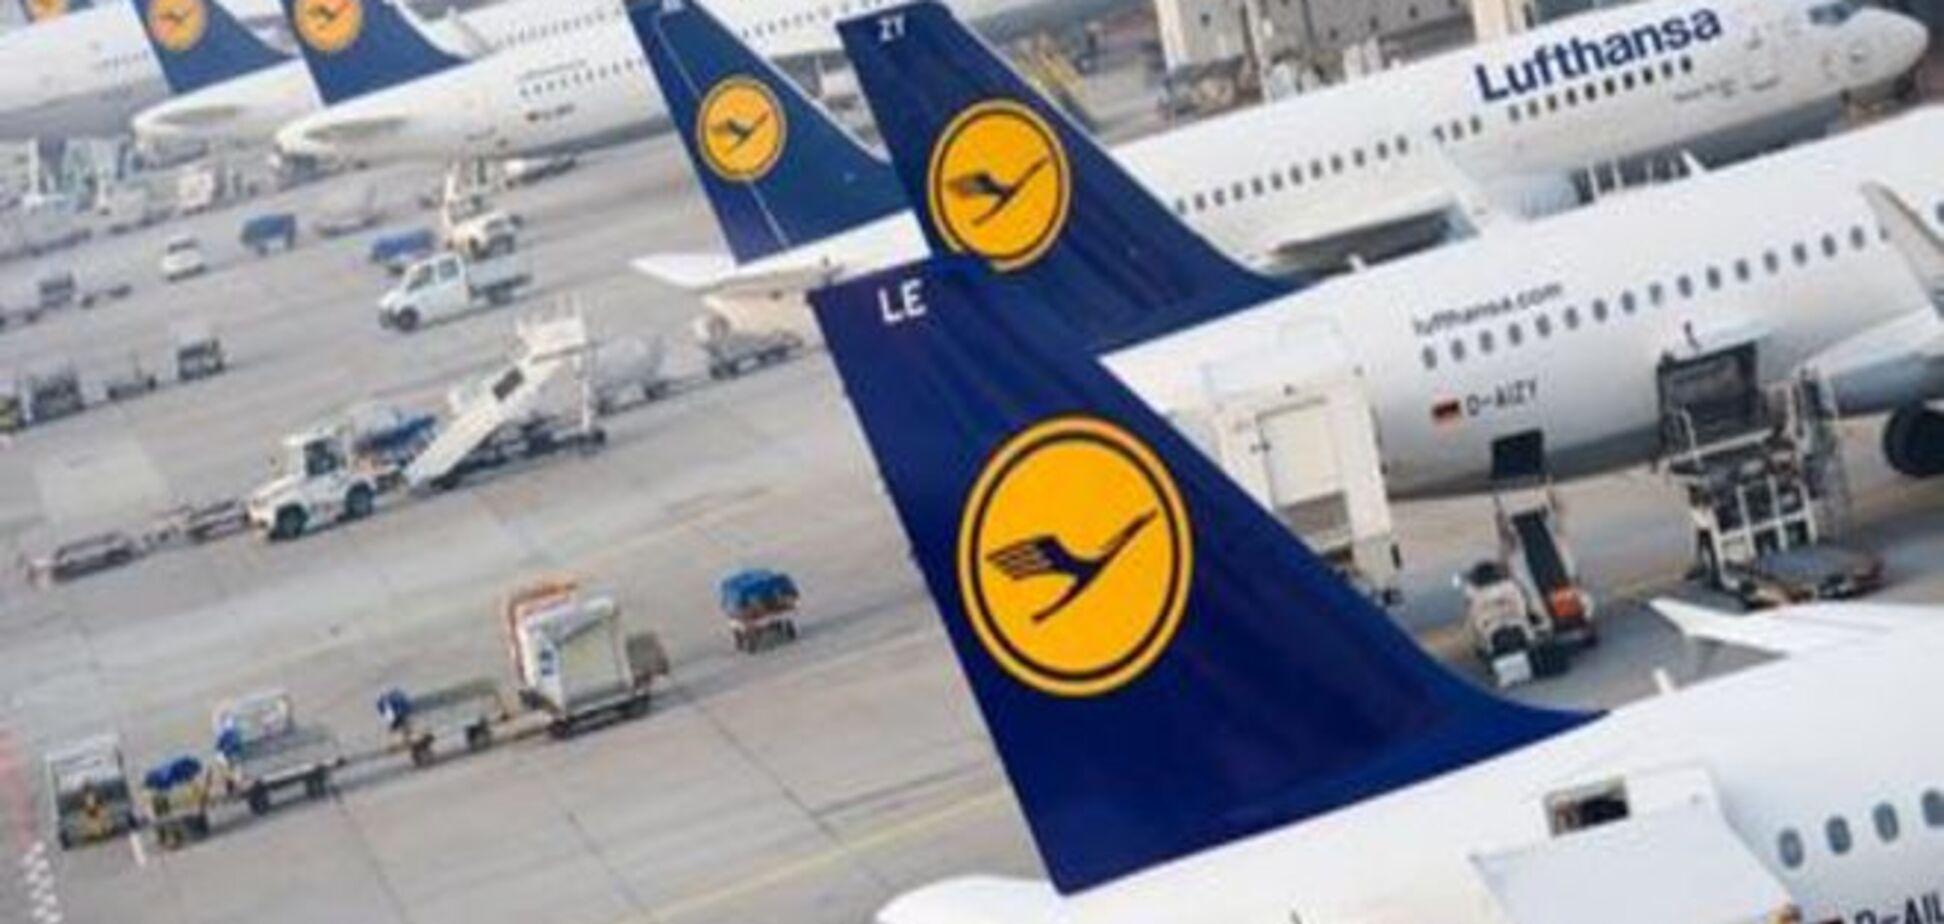 Ближе к народу: Lufthansa переходит на новые тарифы